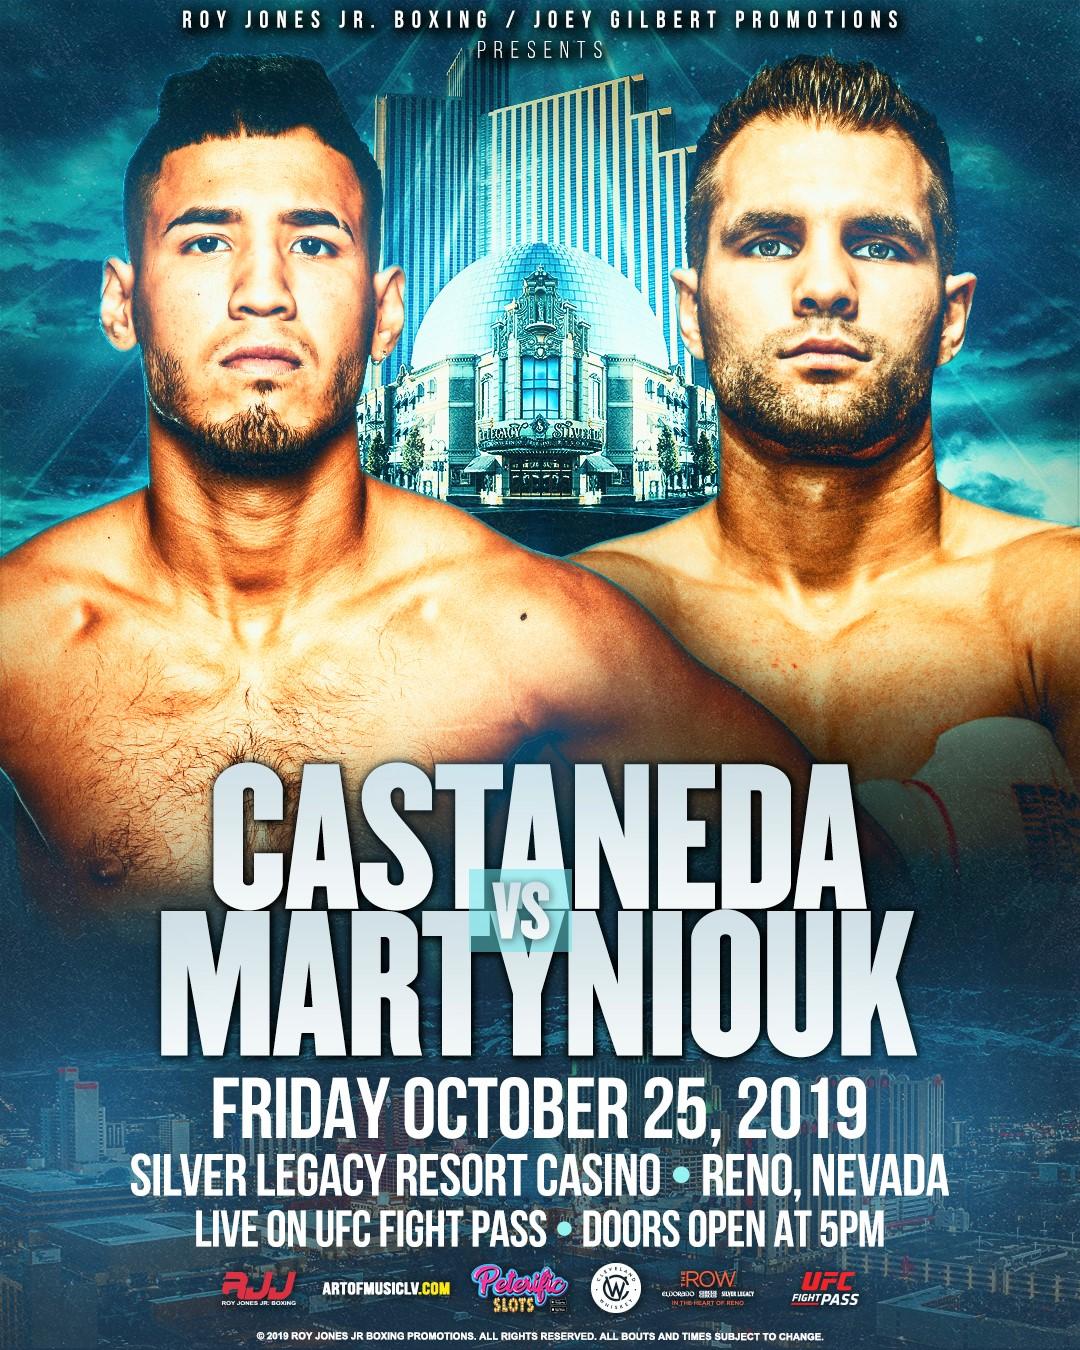 Kendo Castaneda vs. Stan Martyniouk poster - New Faces: Kendo Castaneda